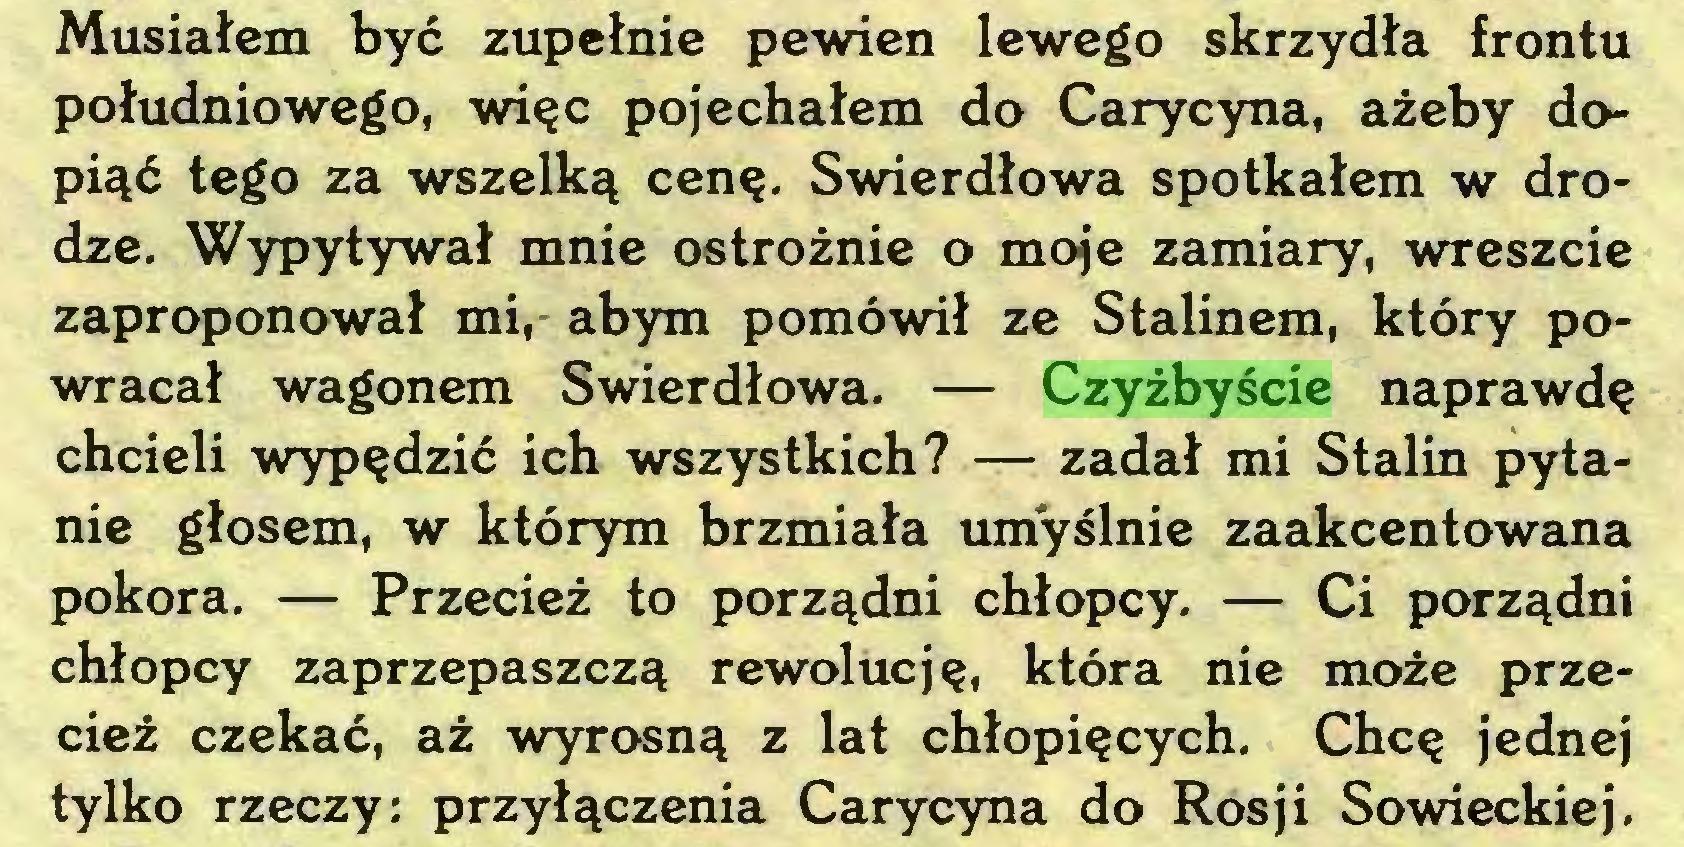 (...) Musiałem być zupełnie pewien lewego skrzydła frontu południowego, więc pojechałem do Carycyna, ażeby dopiąć tego za wszelką cenę. Swierdłowa spotkałem w drodze. Wypytywał mnie ostrożnie o moje zamiary, wreszcie zaproponował mi, abym pomówił ze Stalinem, który powracał wagonem Swierdłowa. — Czyżbyście naprawdę chcieli wypędzić ich wszystkich? — zadał mi Stalin pytanie głosem, w którym brzmiała umyślnie zaakcentowana pokora. — Przecież to porządni chłopcy. — Ci porządni chłopcy zaprzepaszczą rewolucję, która nie może przecież czekać, aż wyrosną z lat chłopięcych. Chcę jednej tylko rzeczy: przyłączenia Carycyna do Rosji Sowieckiej...